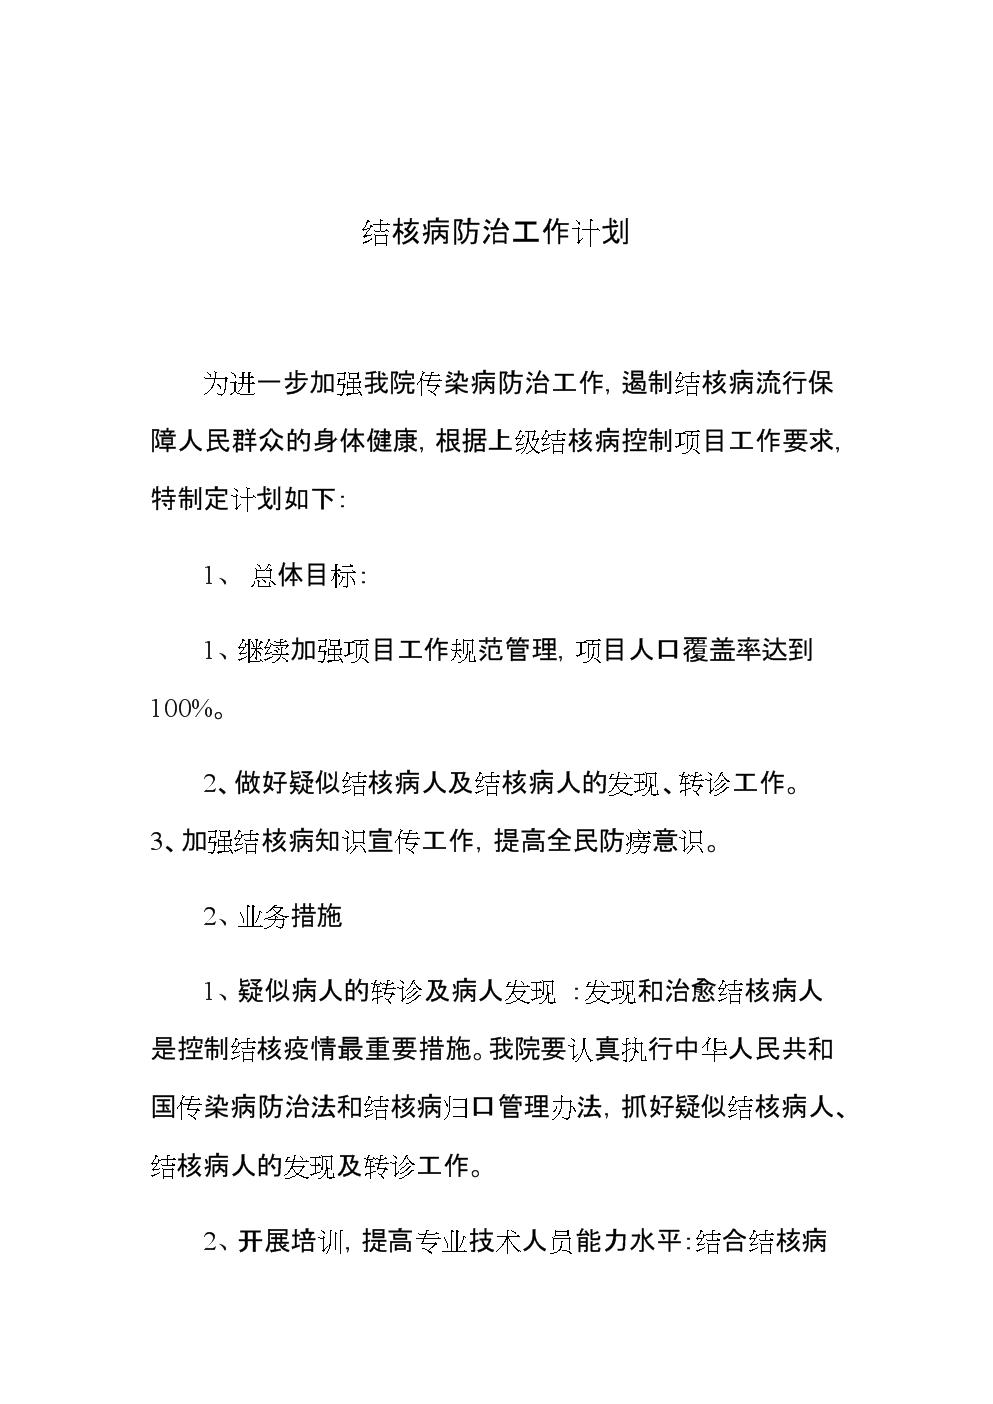 公共卫生结核病防治工作计划.docx